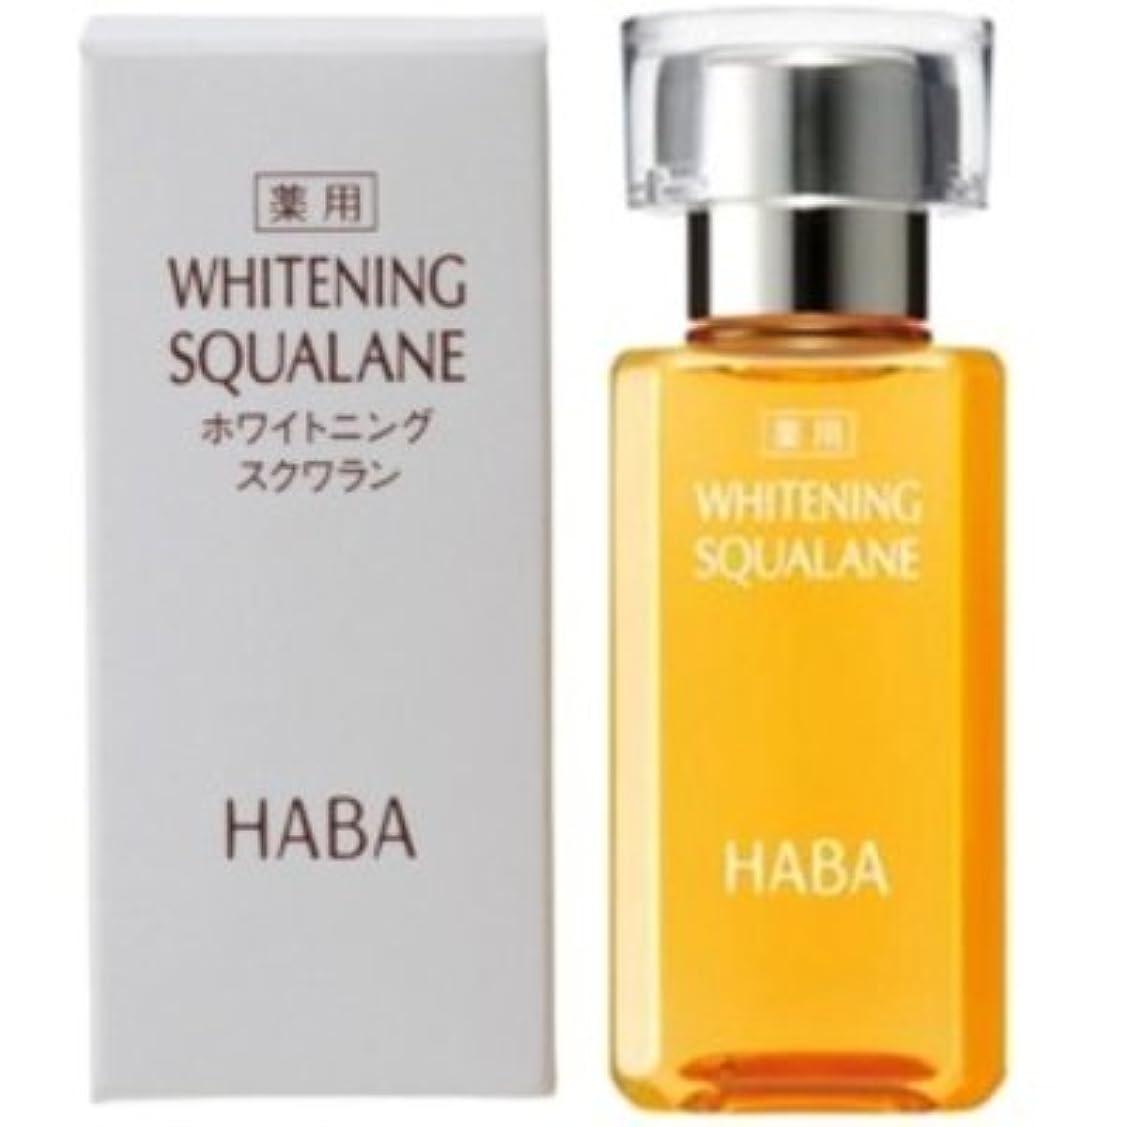 異なる施し切断するHABA 薬用 ホワイトニングスクワラン 15ml 【医薬部外品】